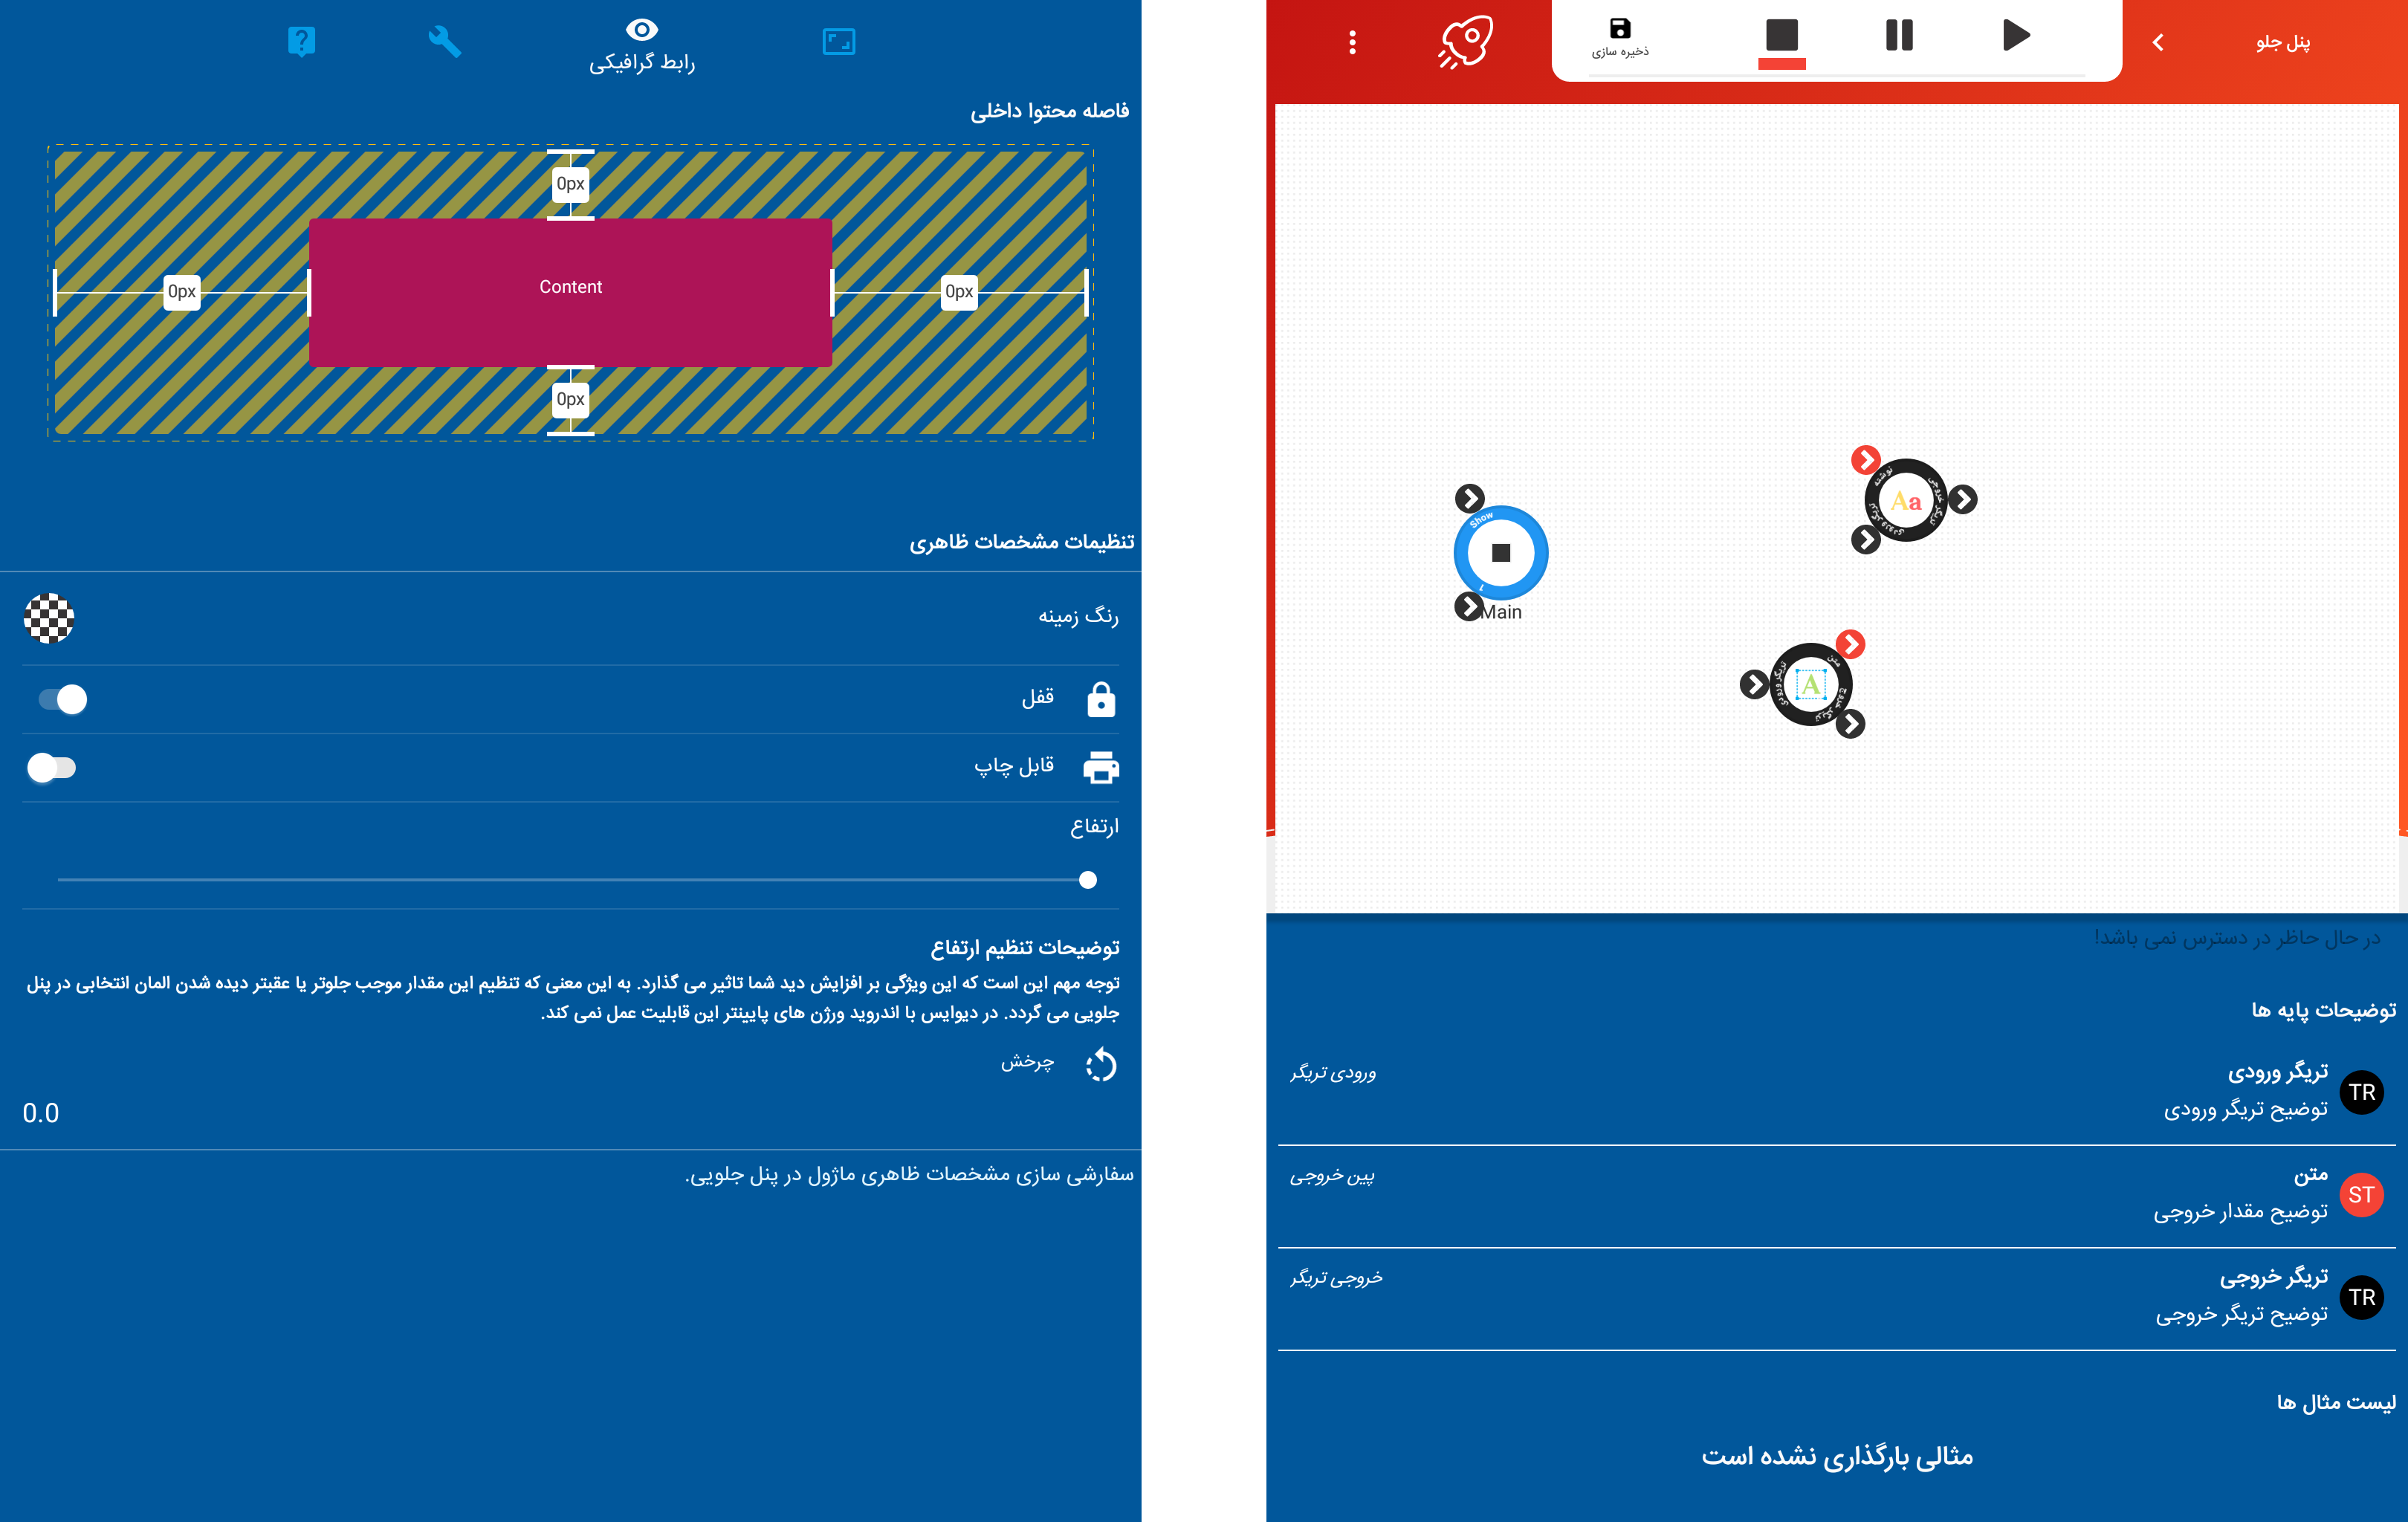 تنظیمات بلوک، در حال حاظر بخش های از اپلیکیشن نیو زبان فارسی را پشتیبانی می نماید.